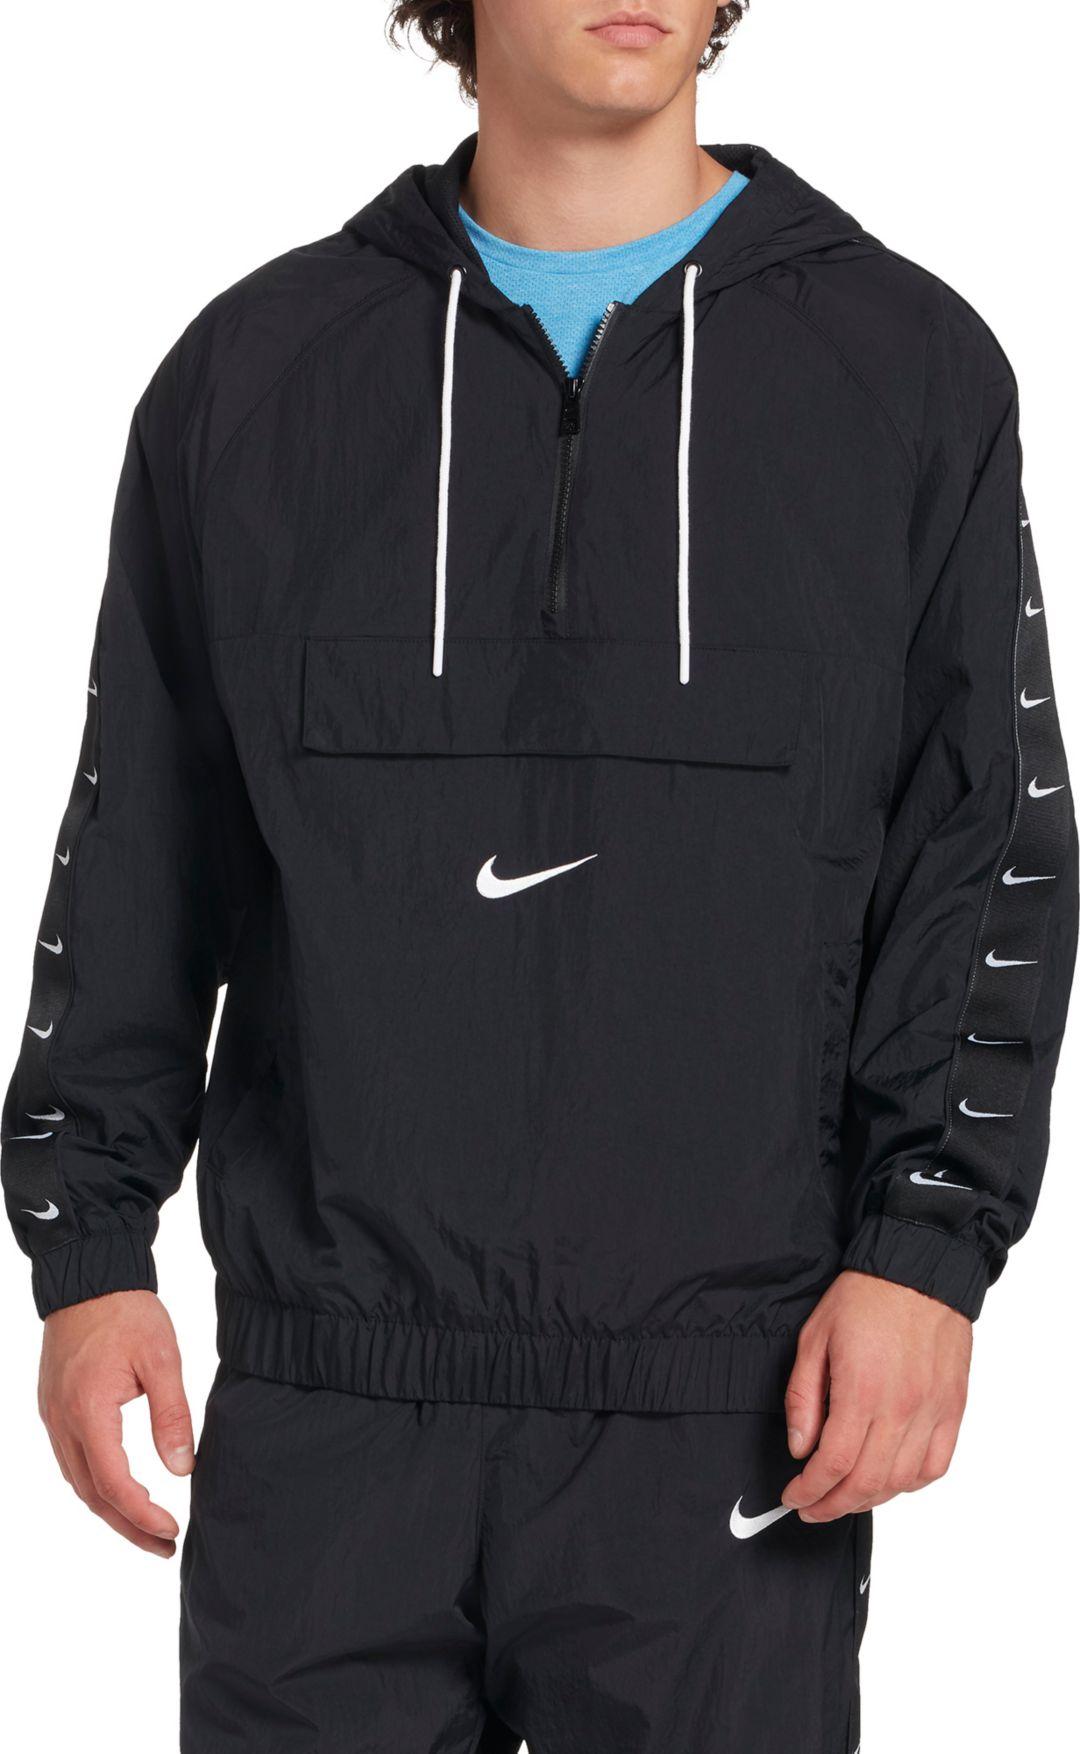 0fdd27b067a Nike Men's Sportswear Swoosh Jacket   DICK'S Sporting Goods